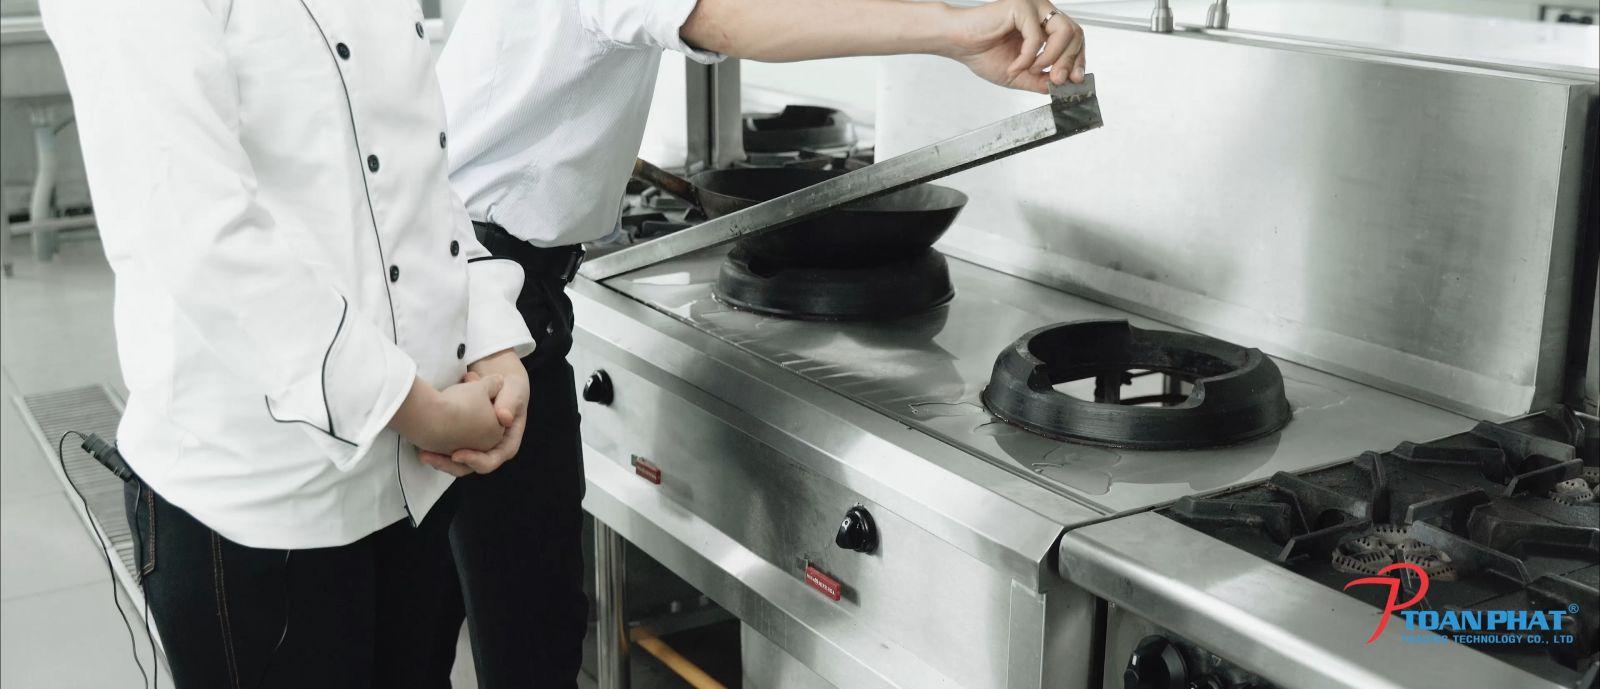 Mua bếp Á công nghiệp Toàn Phát chất lượng cao